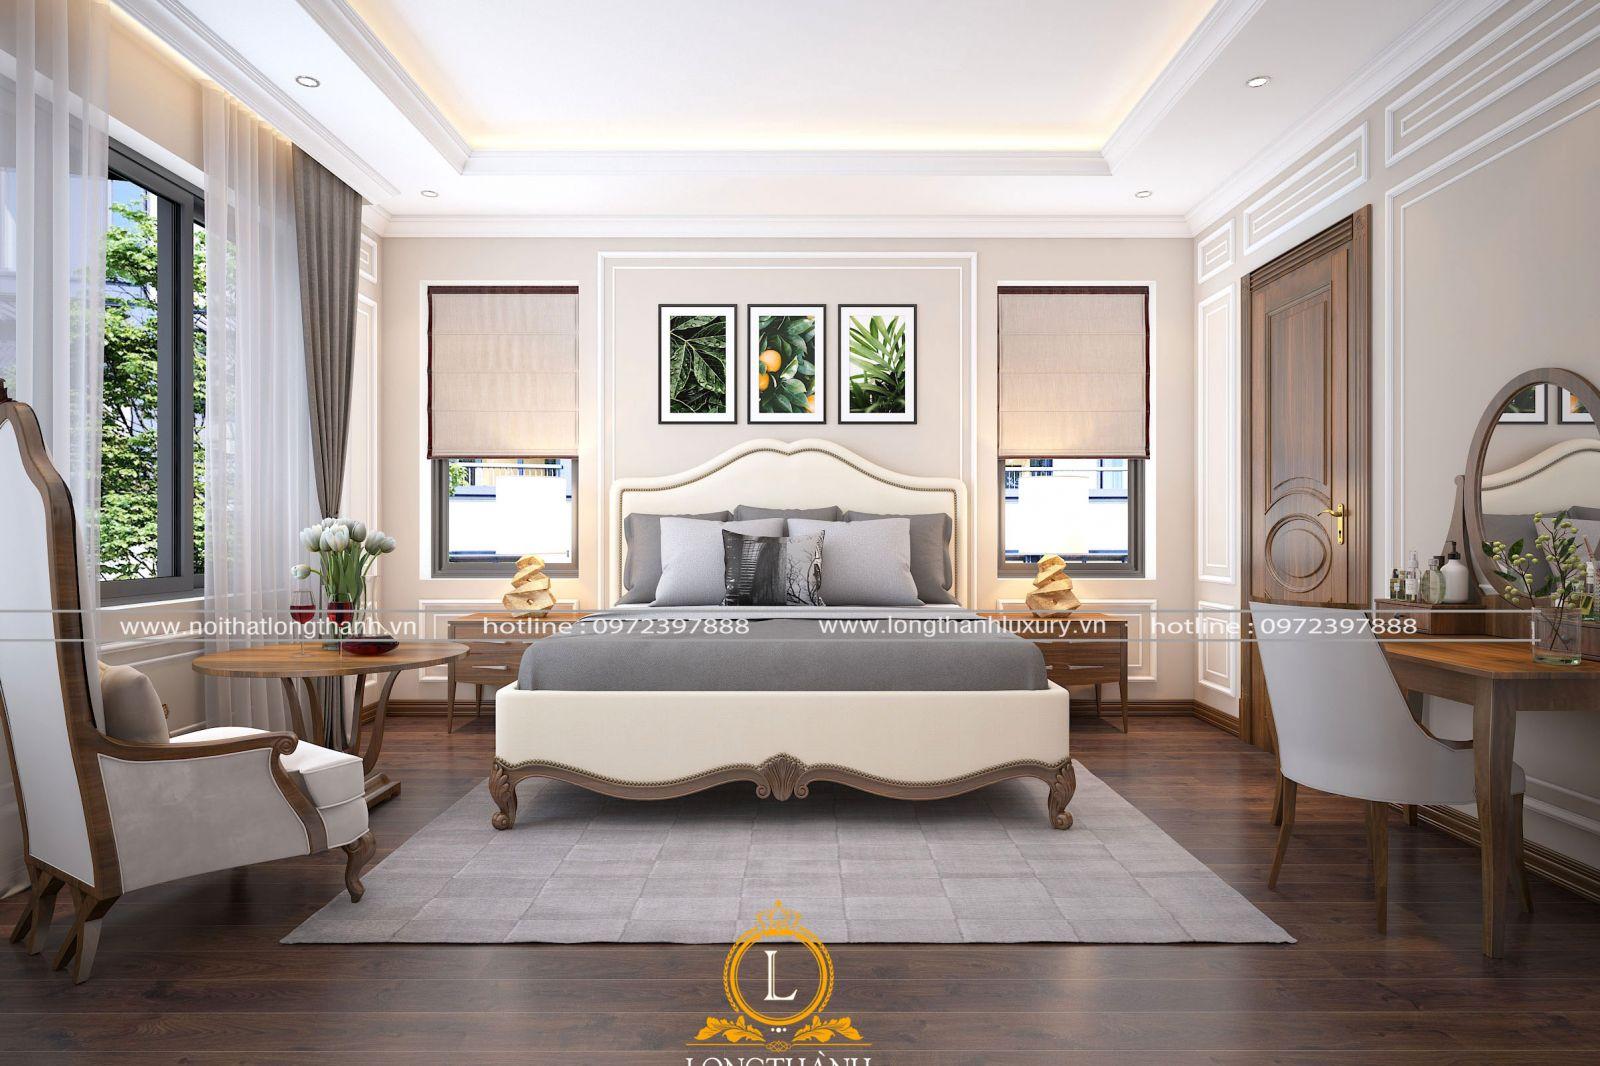 Phòng ngủ cao cấp cho biệt thự được thiết kế trẻ trung